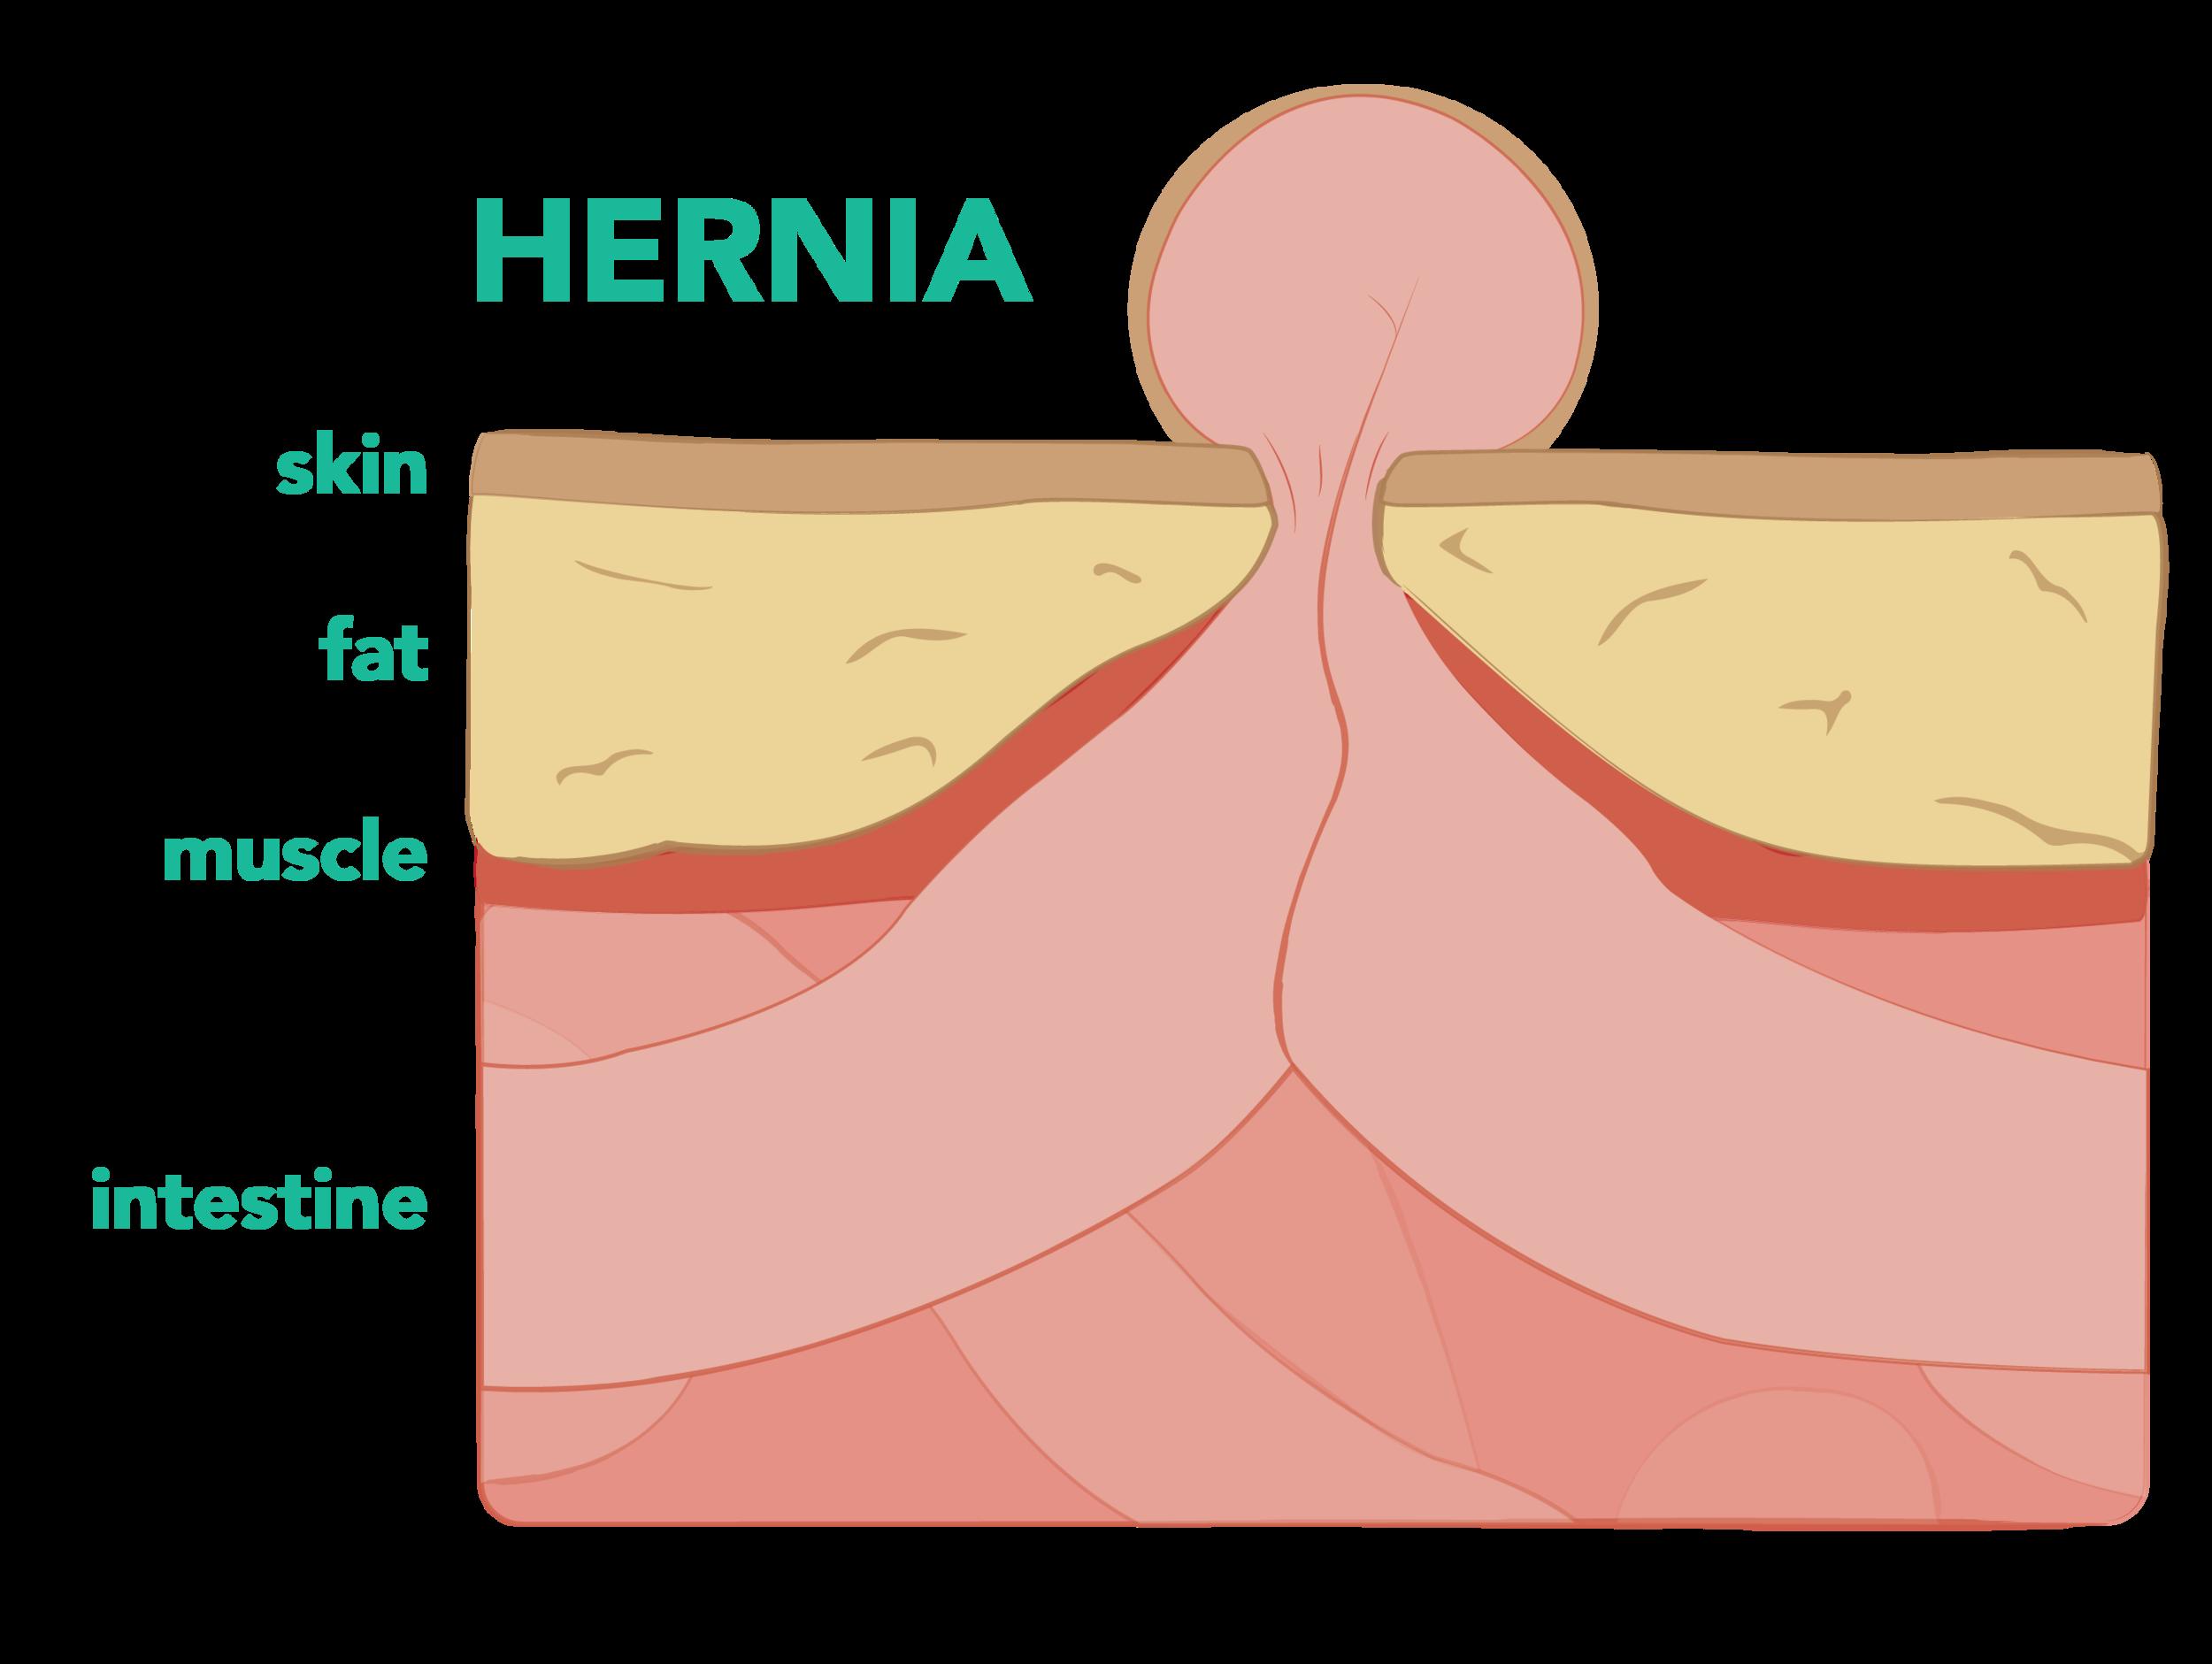 hernia diagram2-01 copy.png